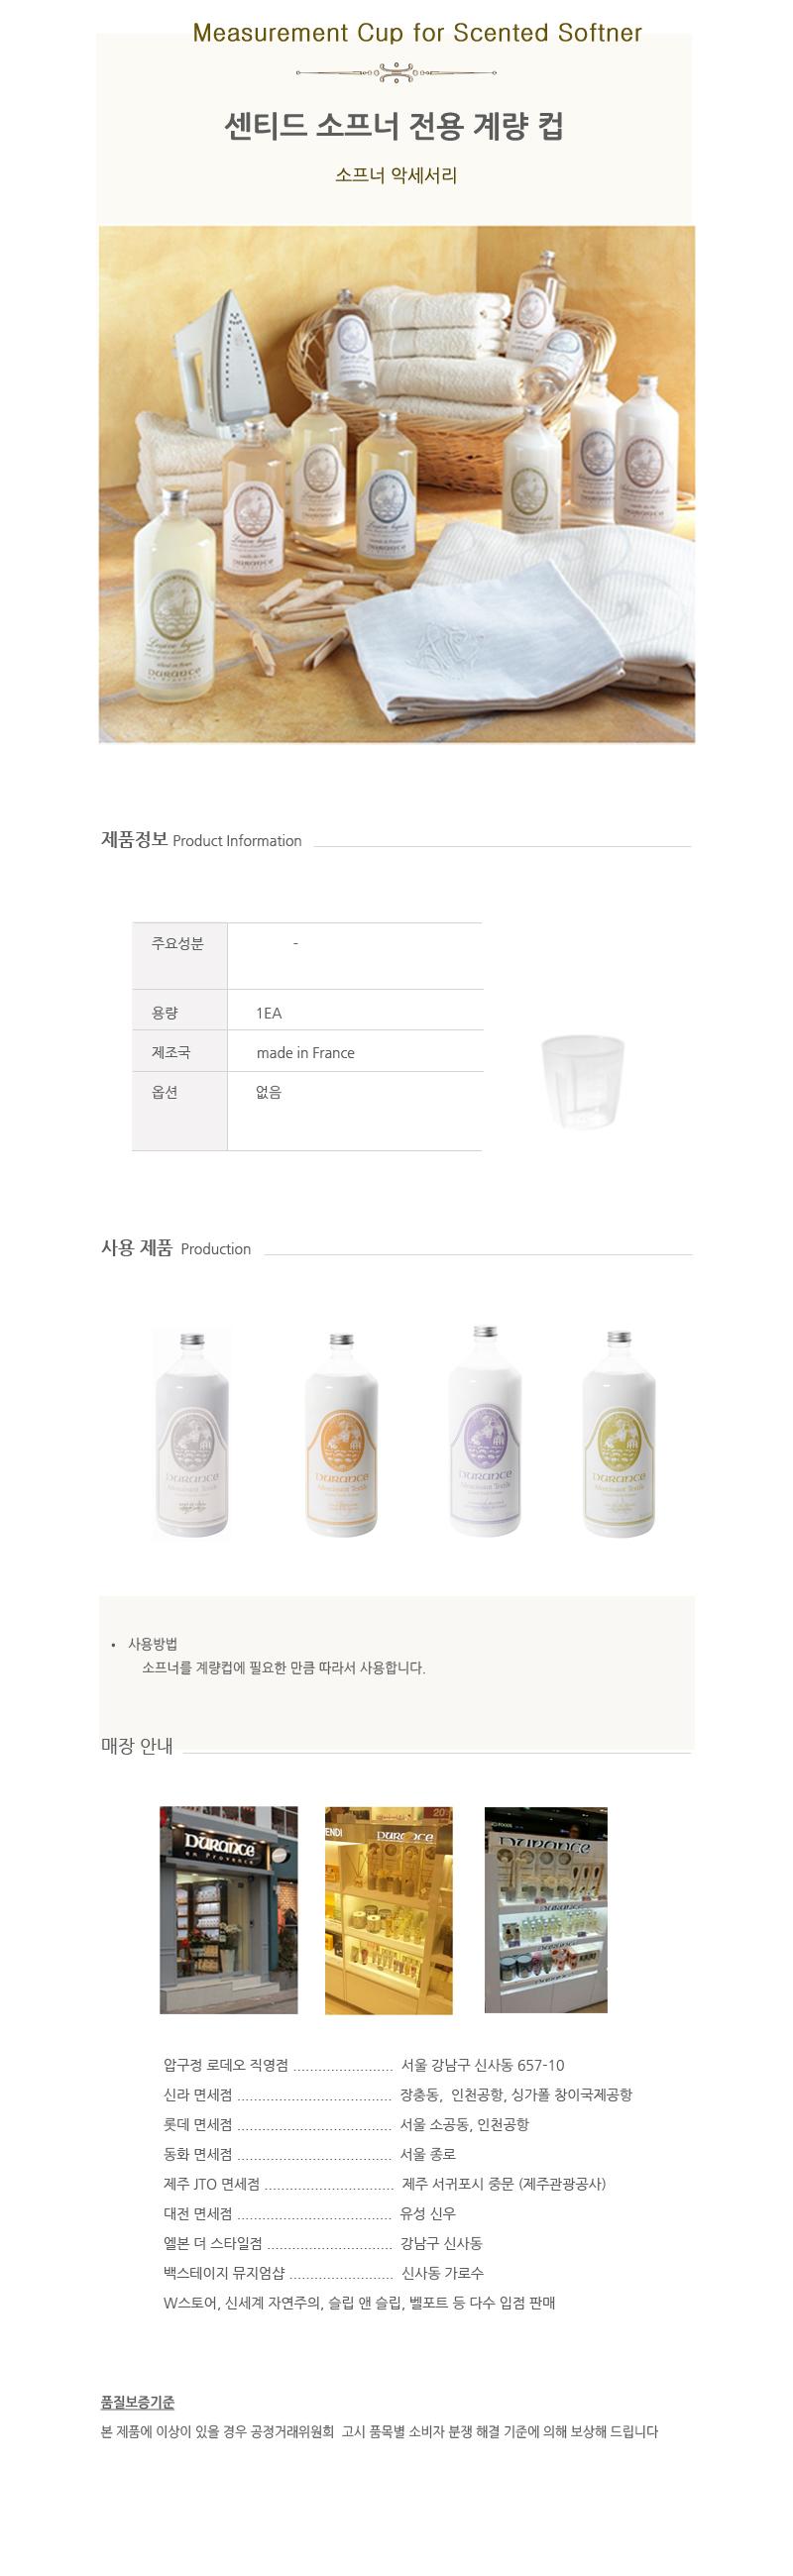 센티드 소프너용 계량컵 - 듀랑스, 1,000원, 세제&섬유유연제, 섬유유연제